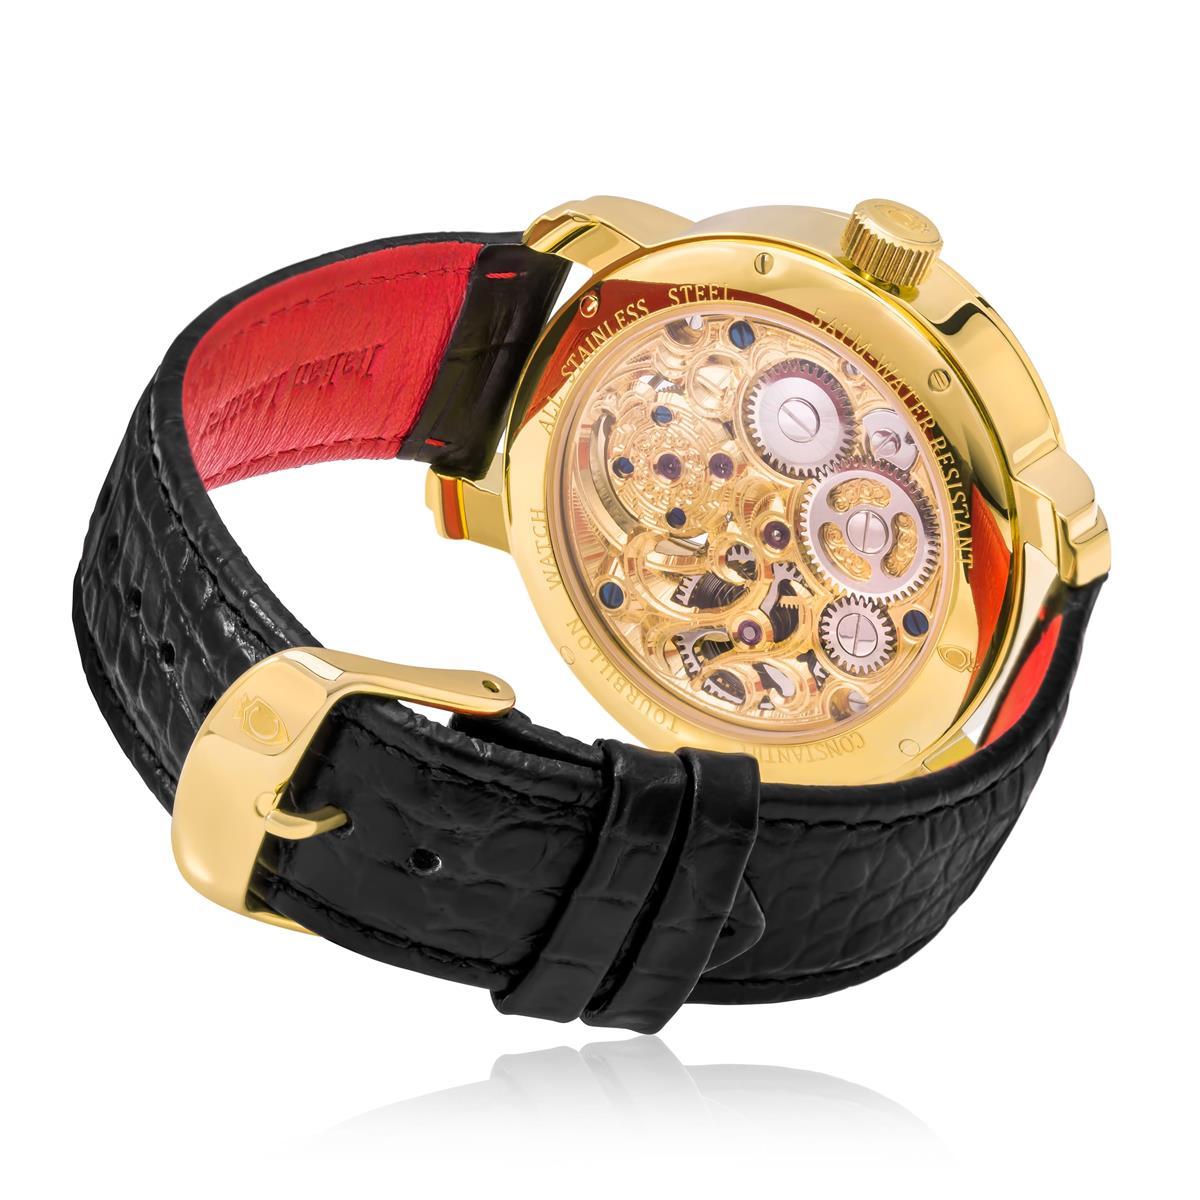 a8278938ff5 Relógio Constantim Tourbillon Gold ZW30161X Dourado com couro preto